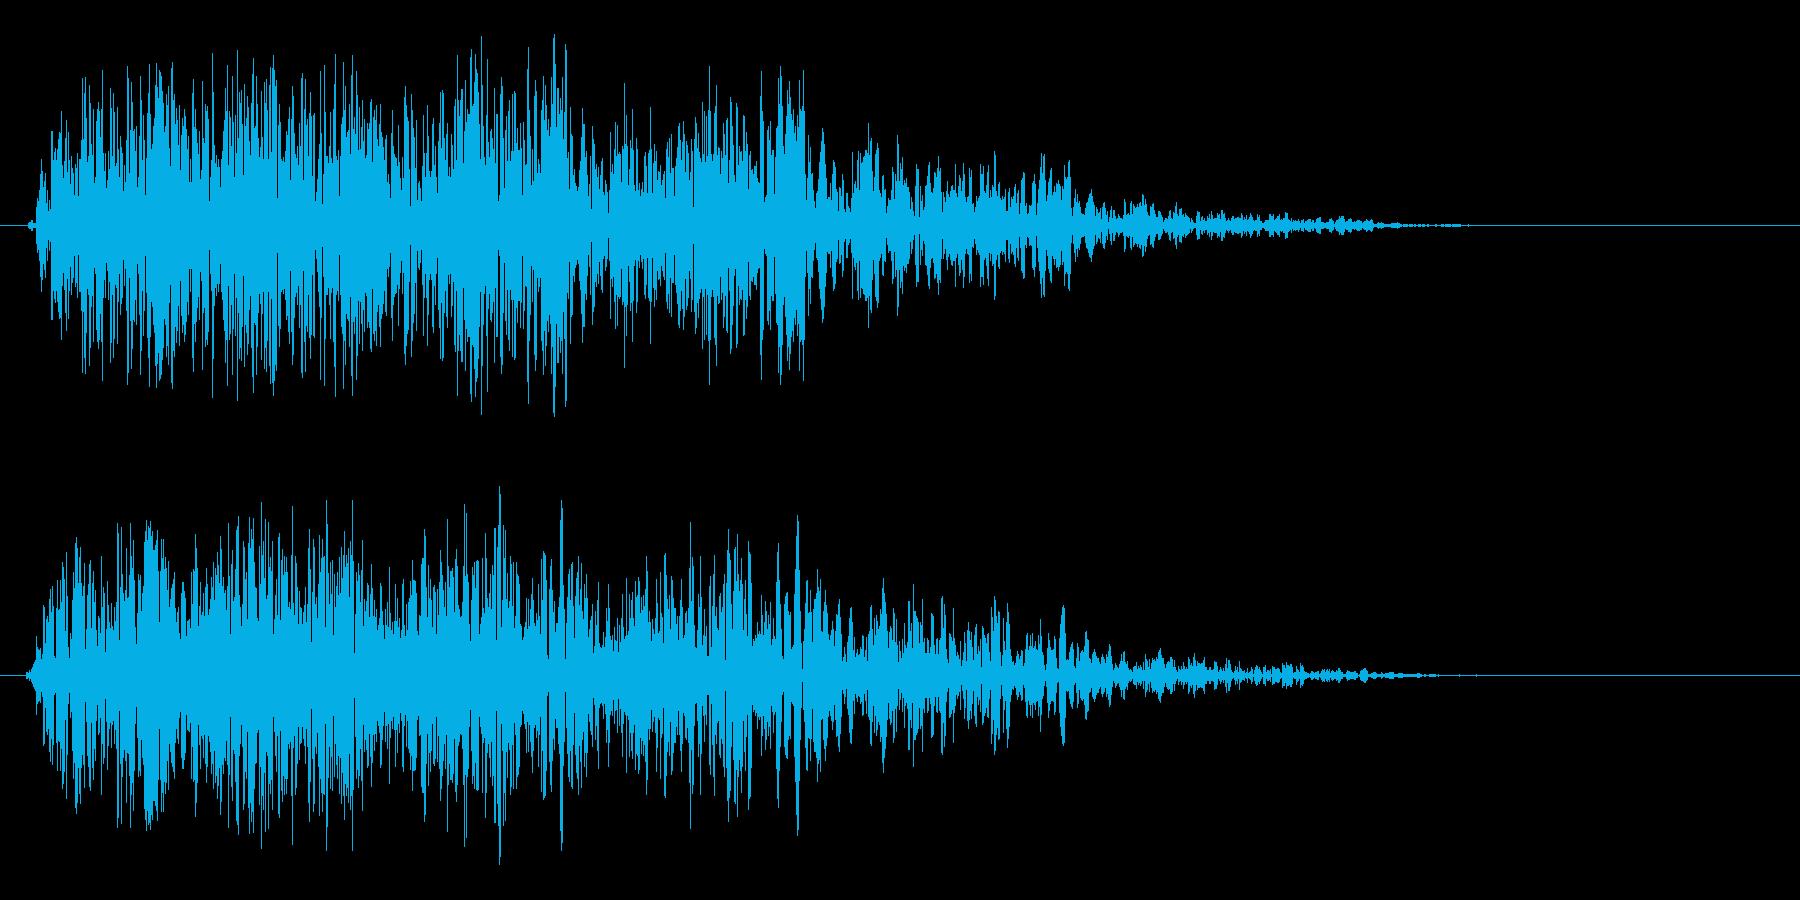 ビュワァァ〜ン(物体の連続して動く音)の再生済みの波形